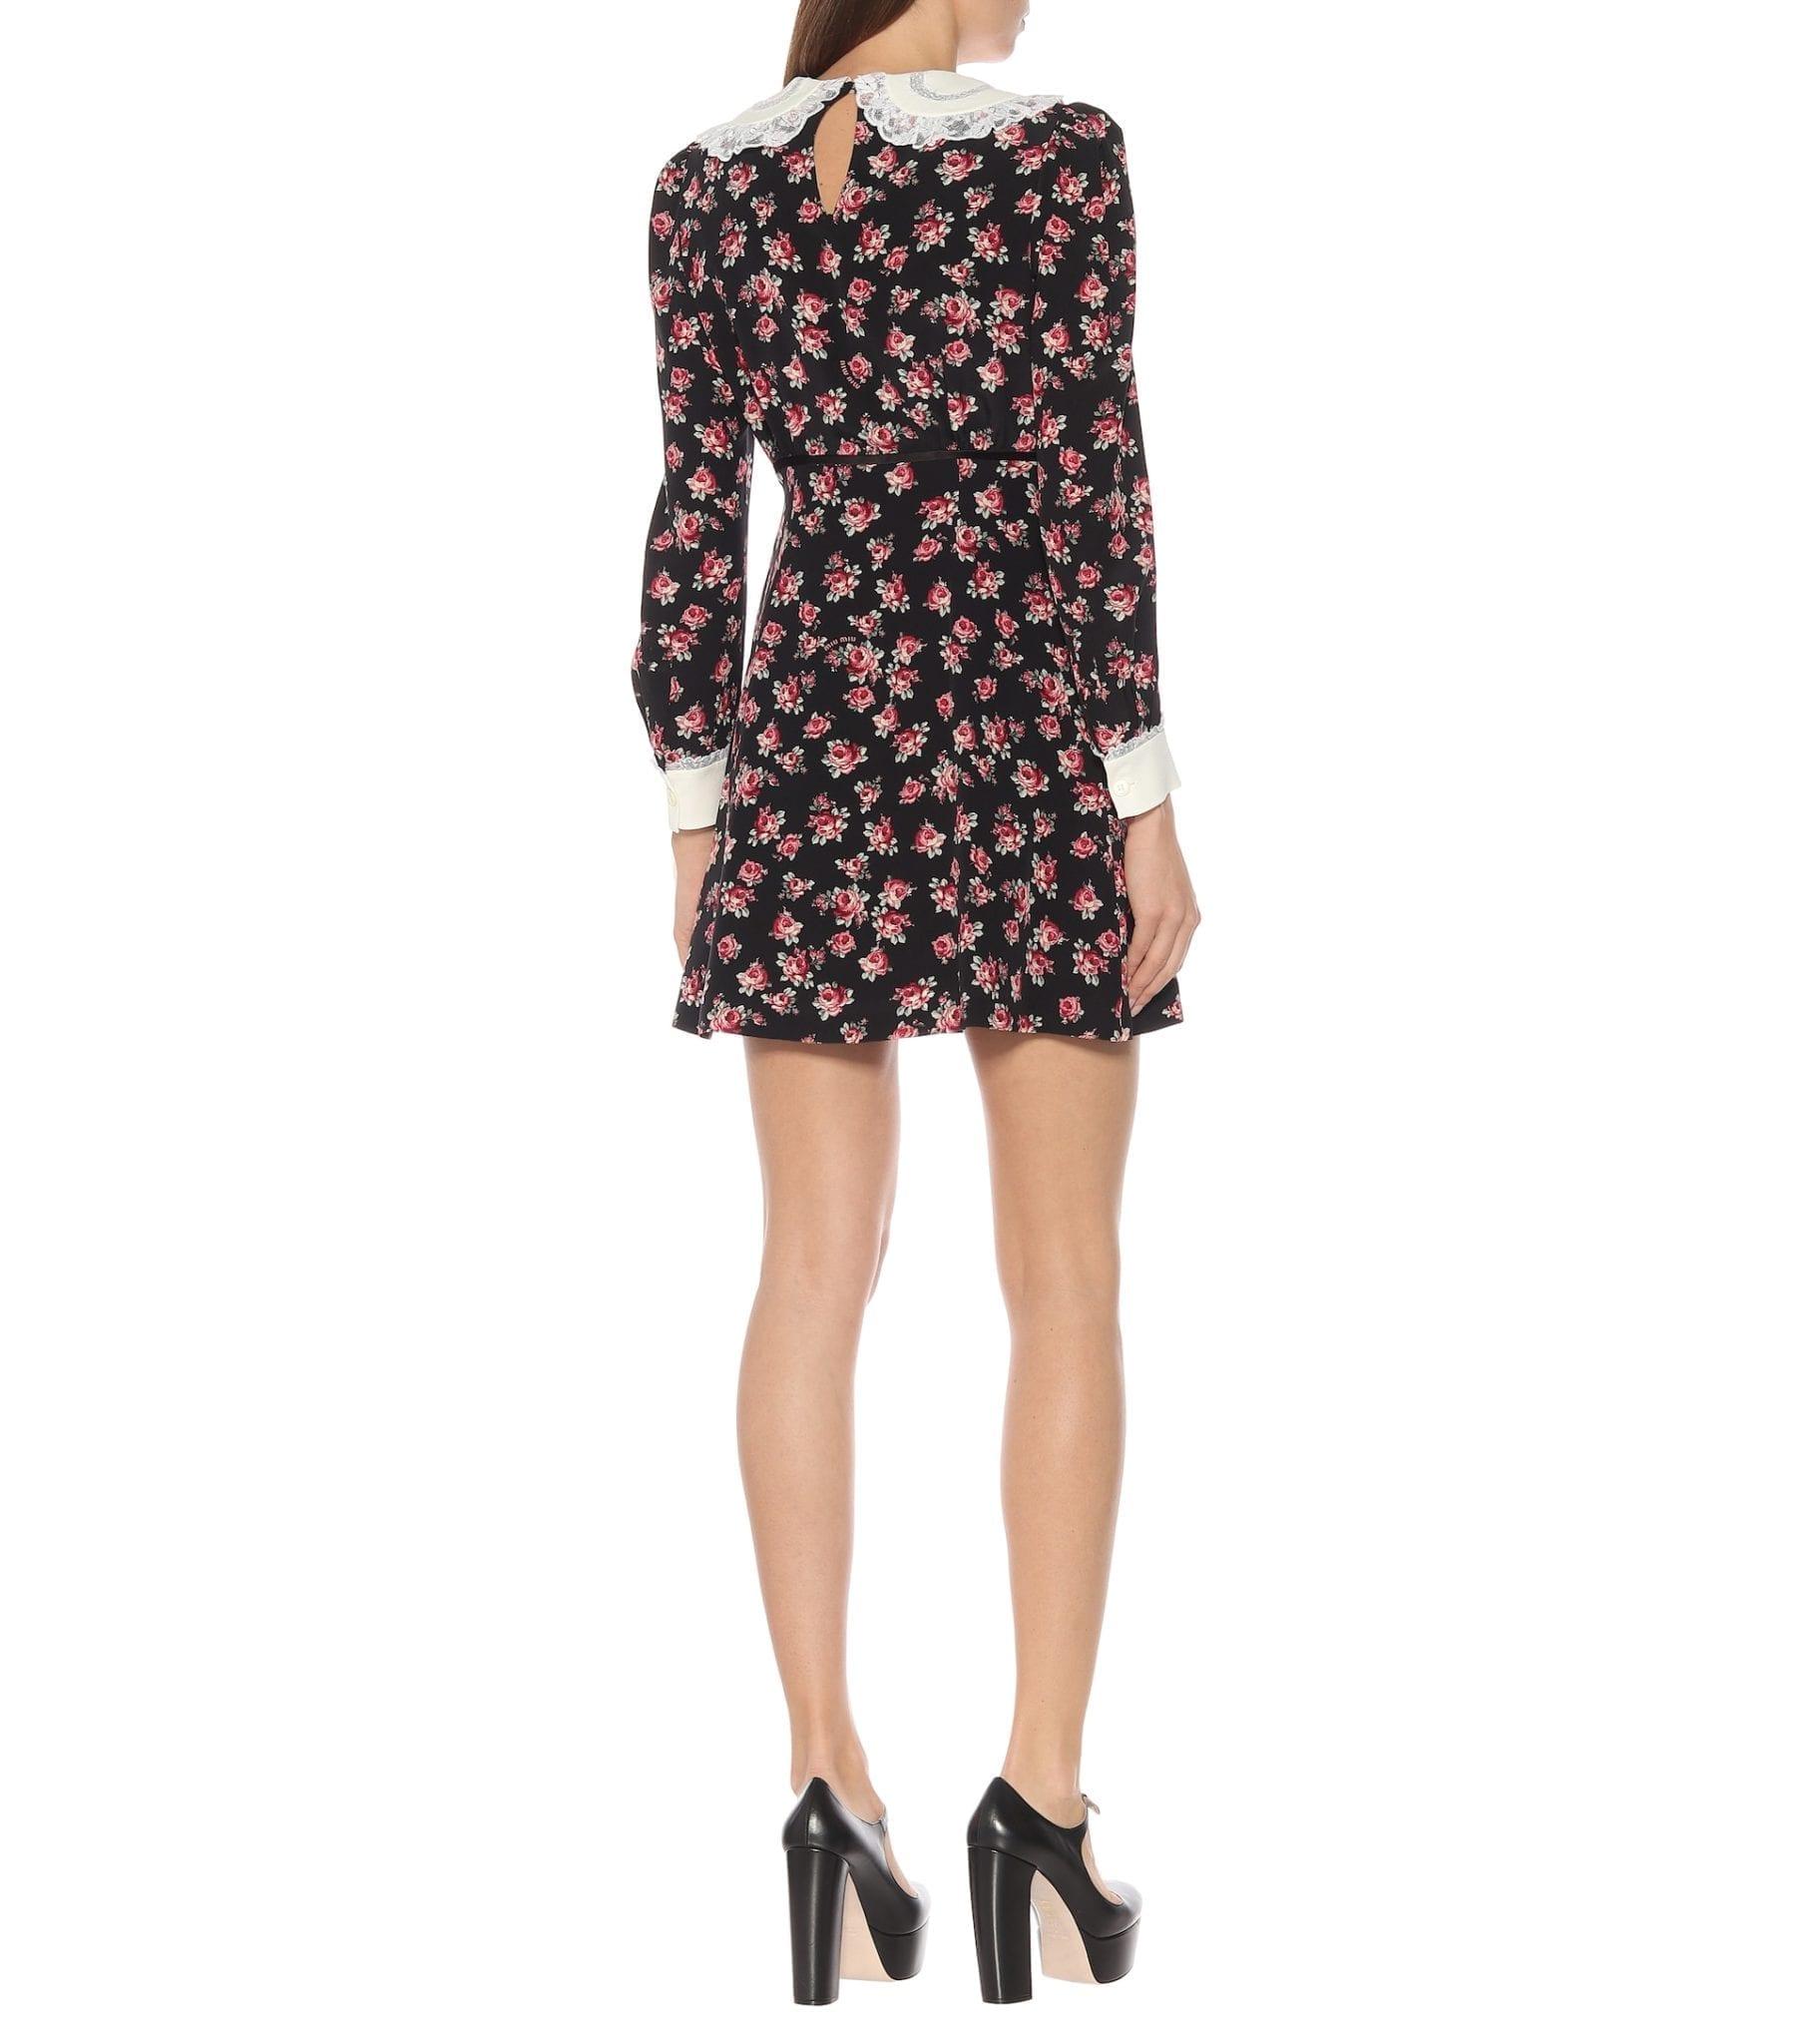 MIU MIU Floral Mini Dress